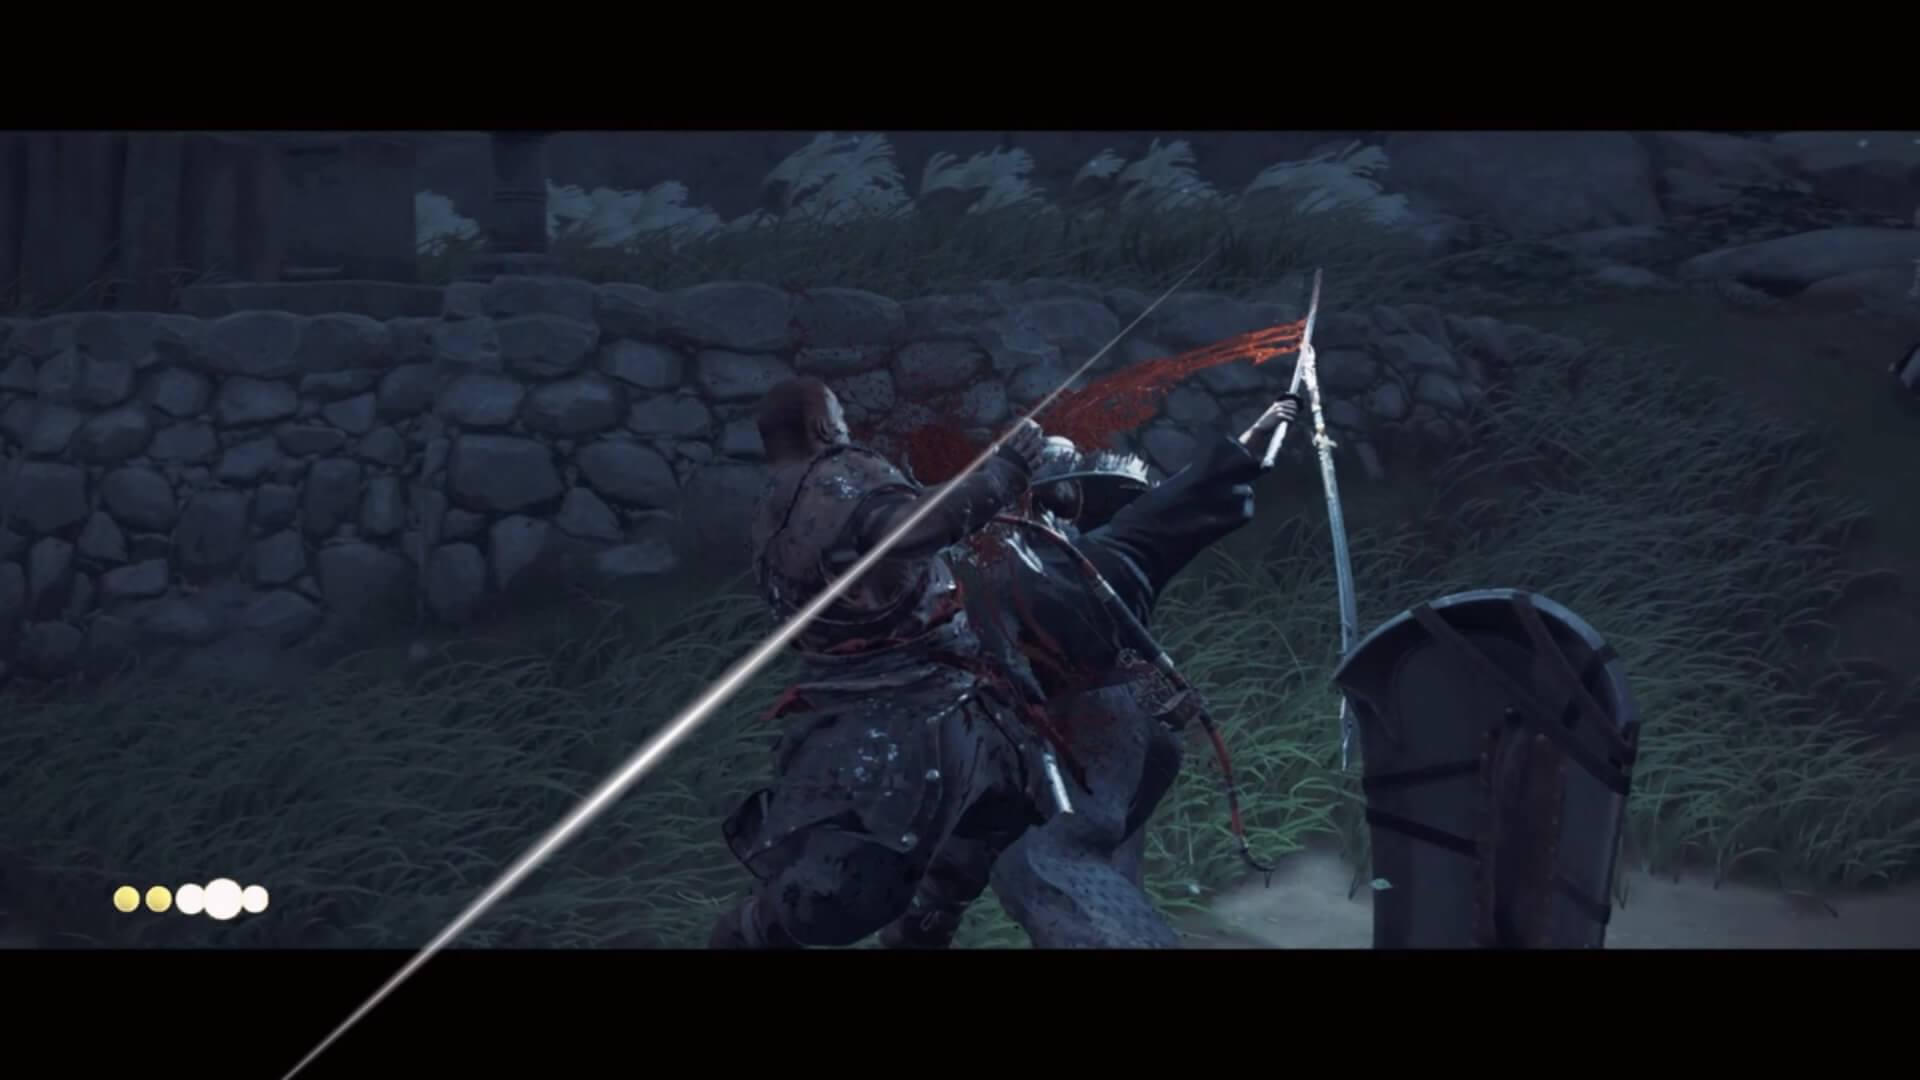 ゴーストオブツシマ:一騎討ちで2人以上の敵を倒す方法